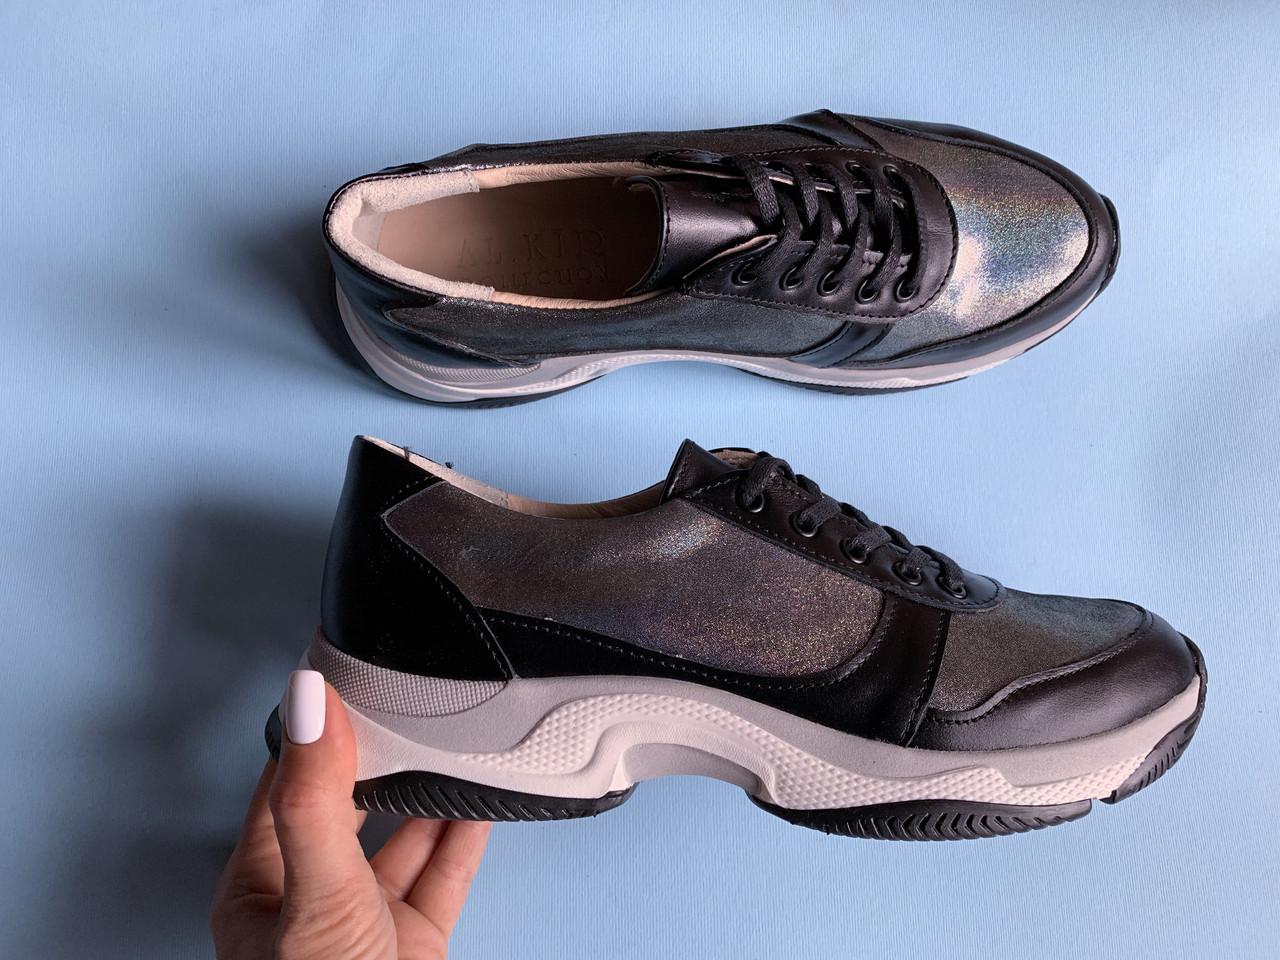 Кроссовки №478-33 черная кожа + сатин айла (крос 3 черный след)